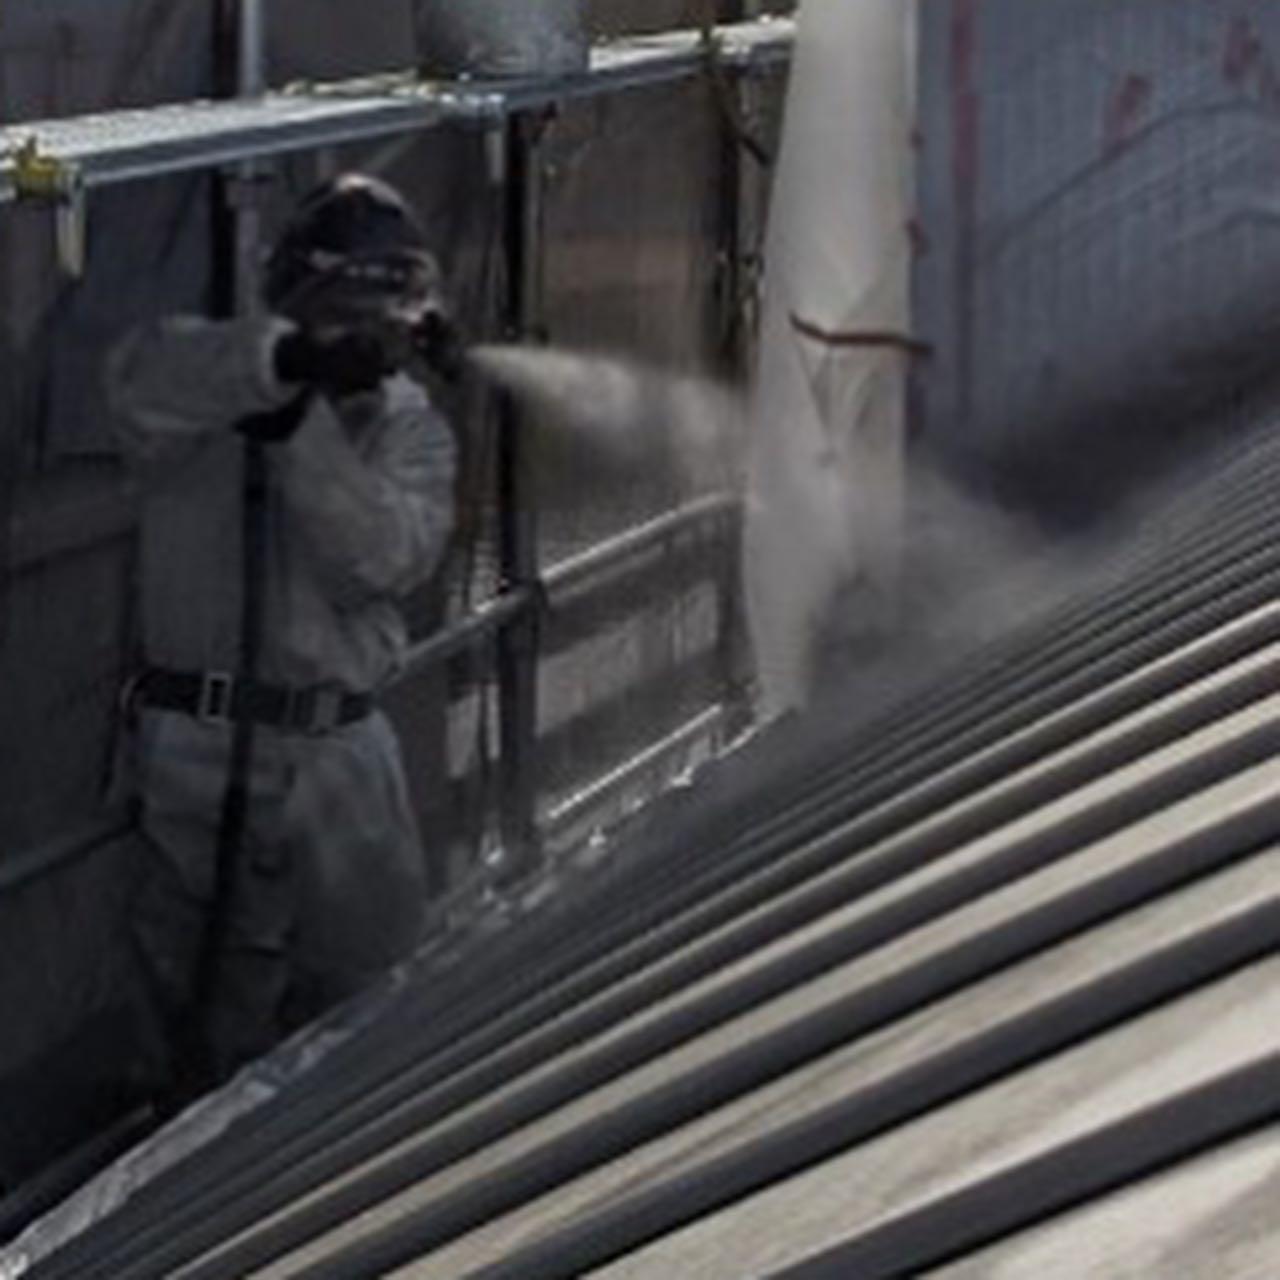 金属屋根防水工事が完了しています。#超速硬化ウレタン吹付 #超速硬化ウレタンスプレー#金属屋根防水工事#防水屋#吹付屋#株式会社ビルドテック